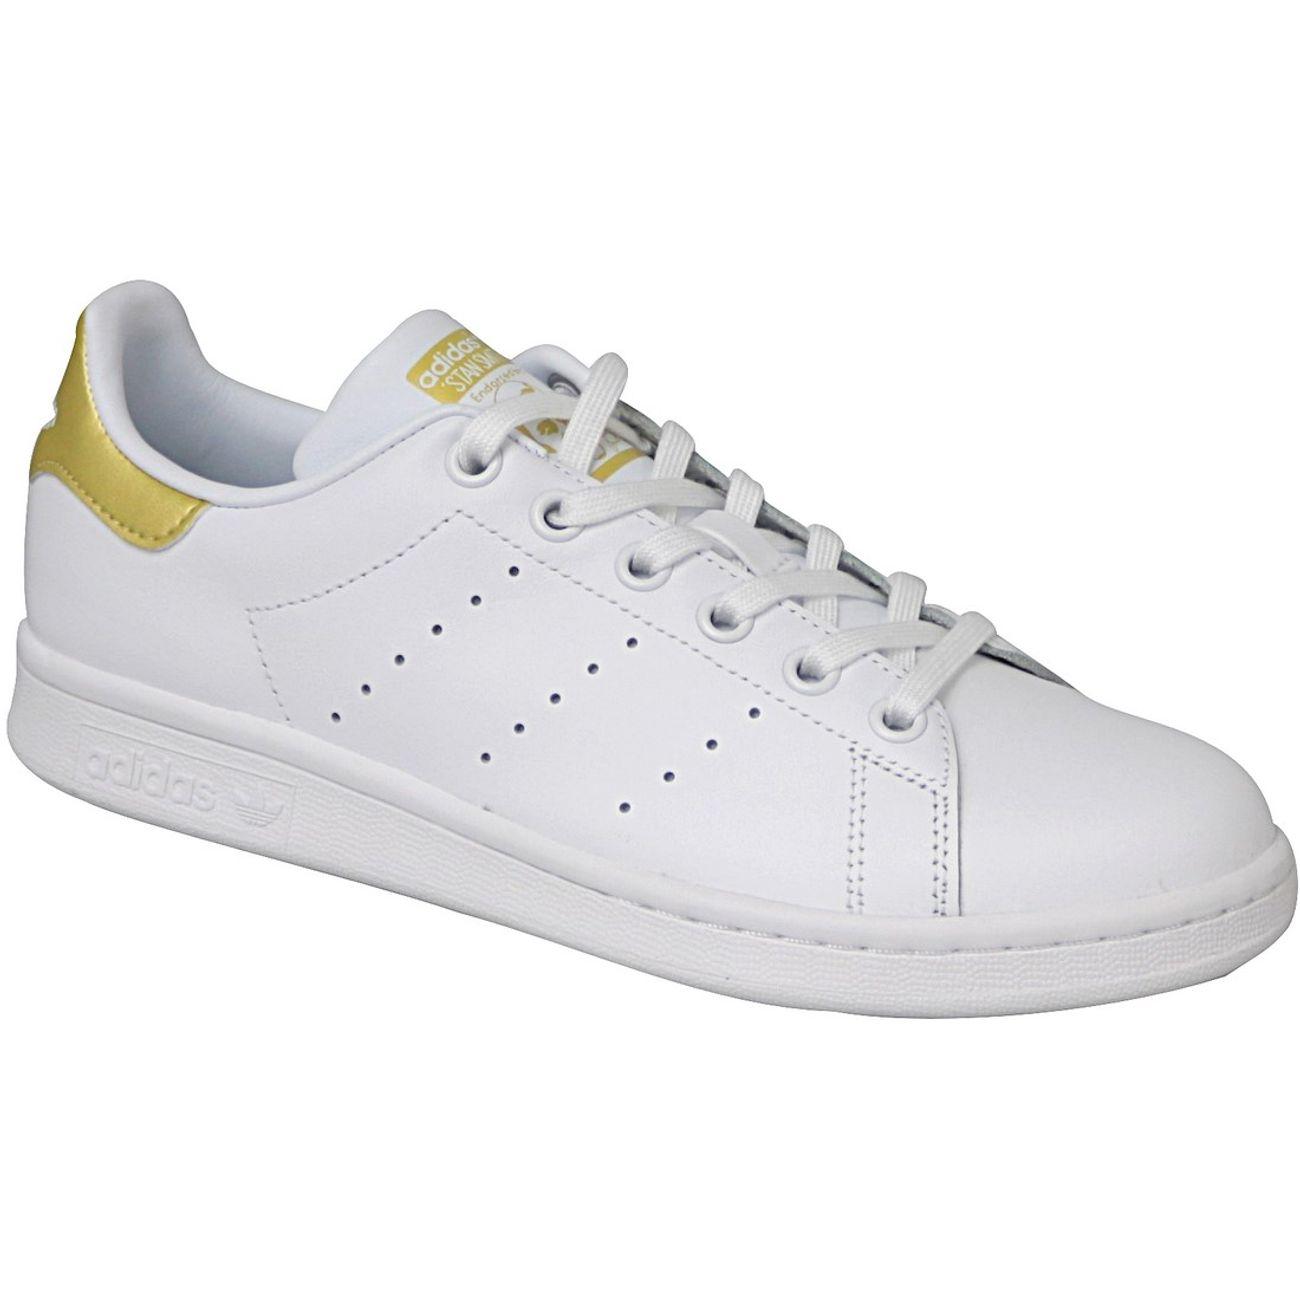 Smith Adidas J Bb0209 Blanc U Stan Baskets Uq6qA5w